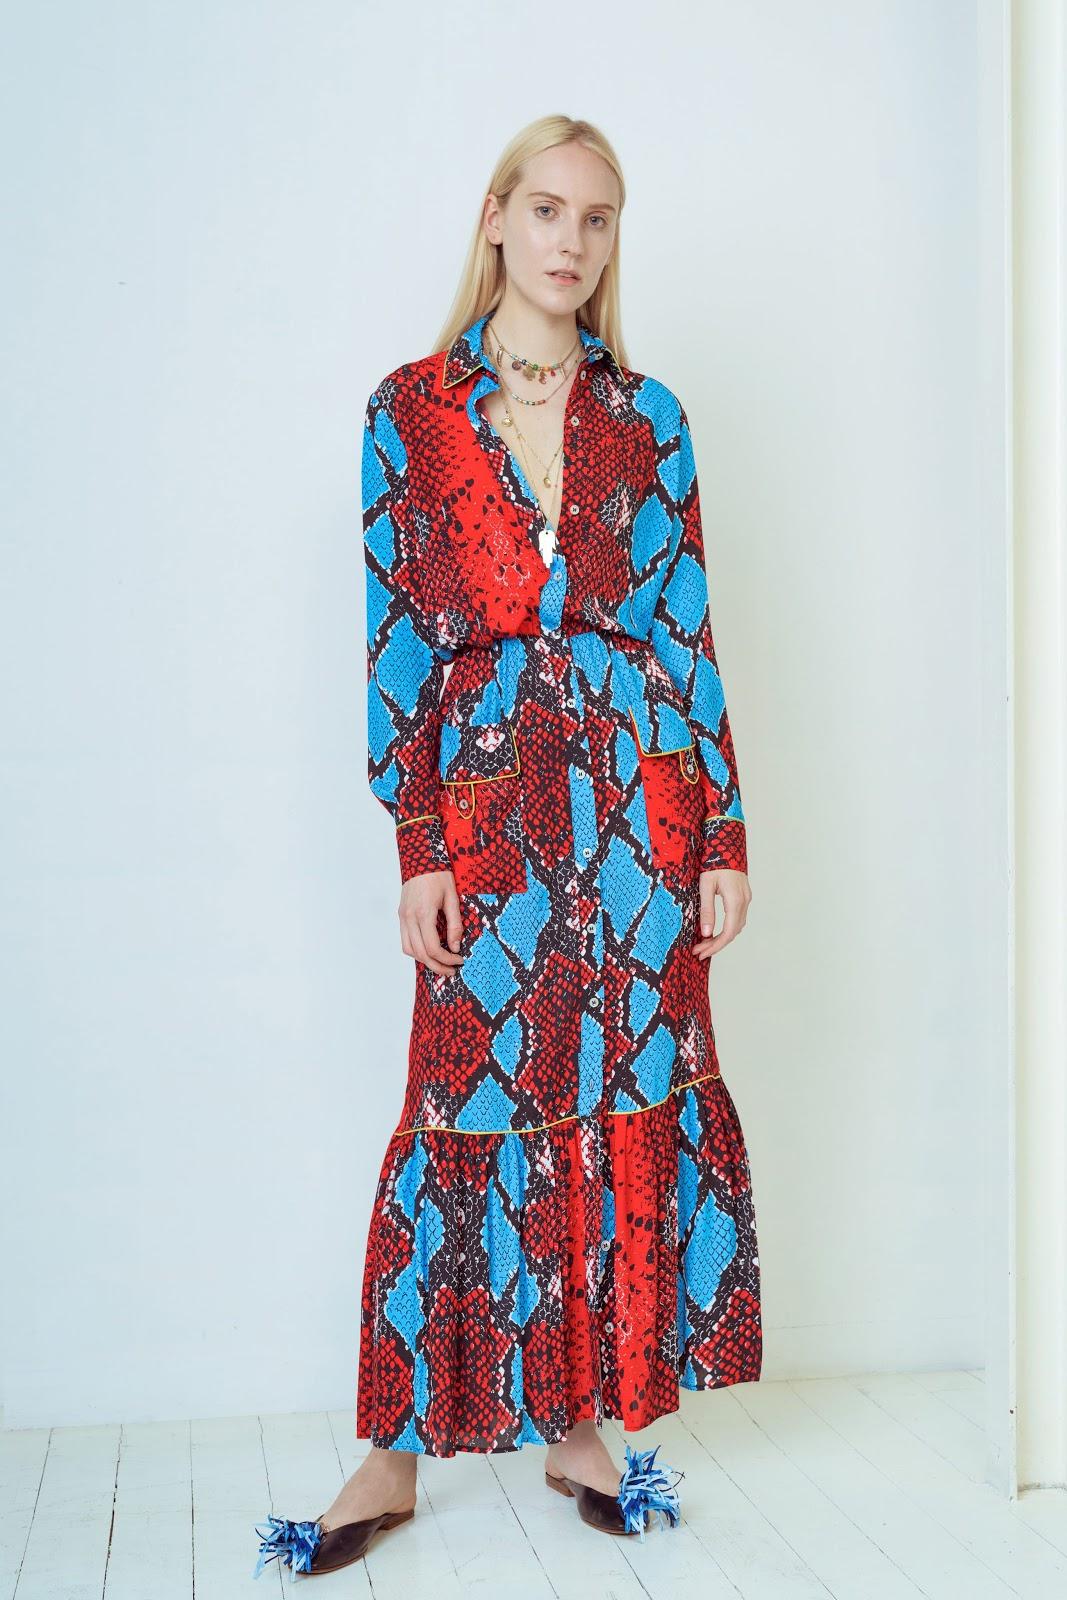 00017 Stella Jean Resort 2019 Vogue 2019 pr - Stella Jean Resort 2019 Trend Present Assortment - Runway